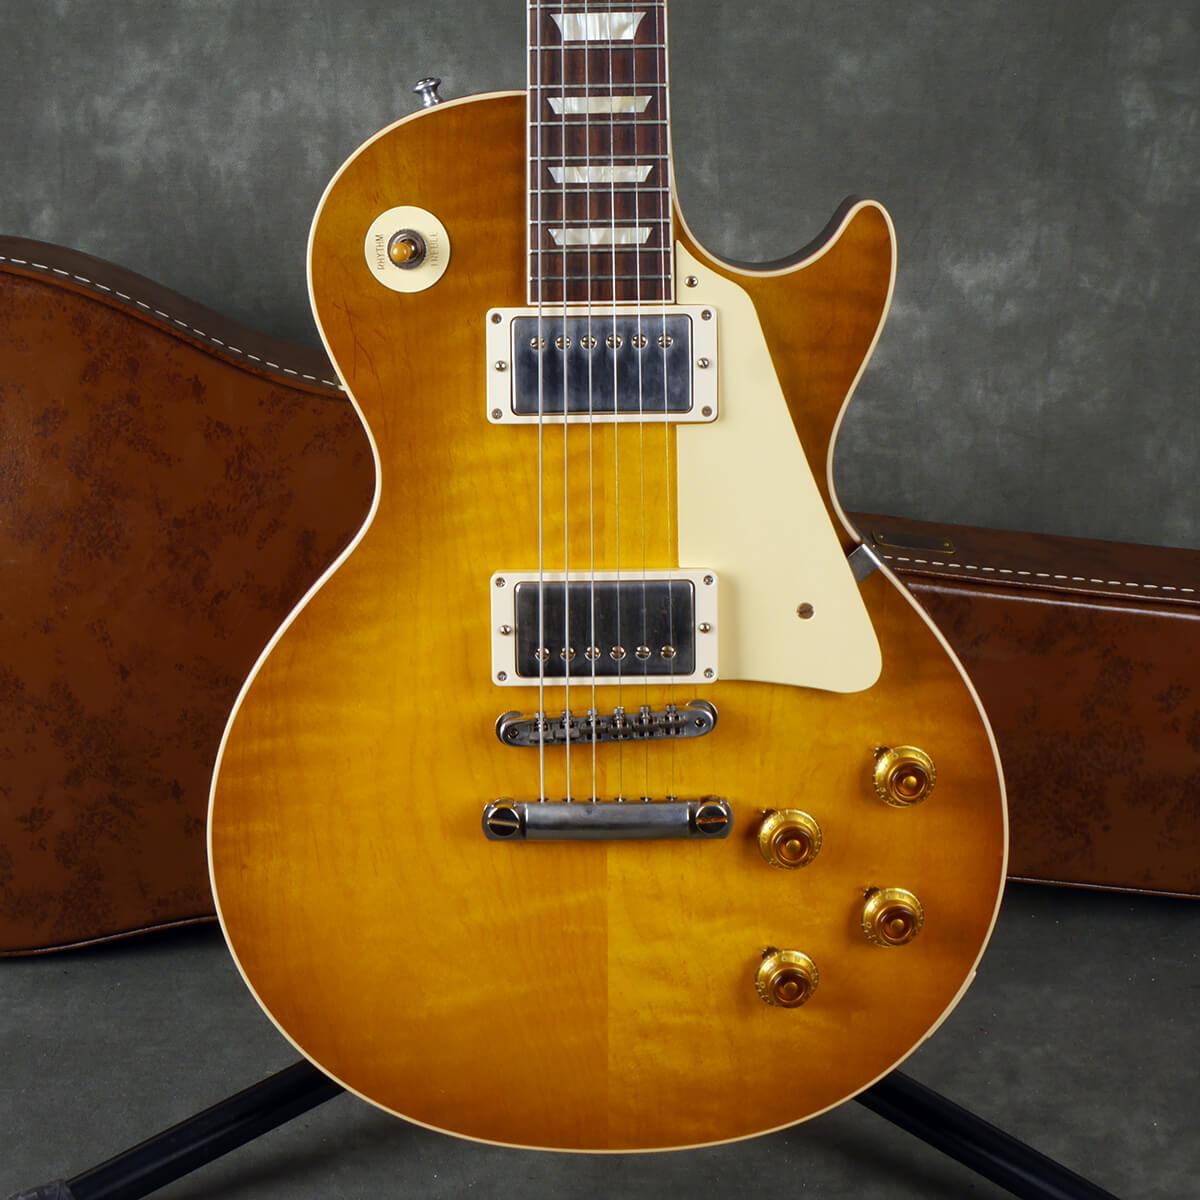 Gibson Custom Shop 1958 Les Paul Reissue - Lemon Burst w/Hard Case - 2nd Hand